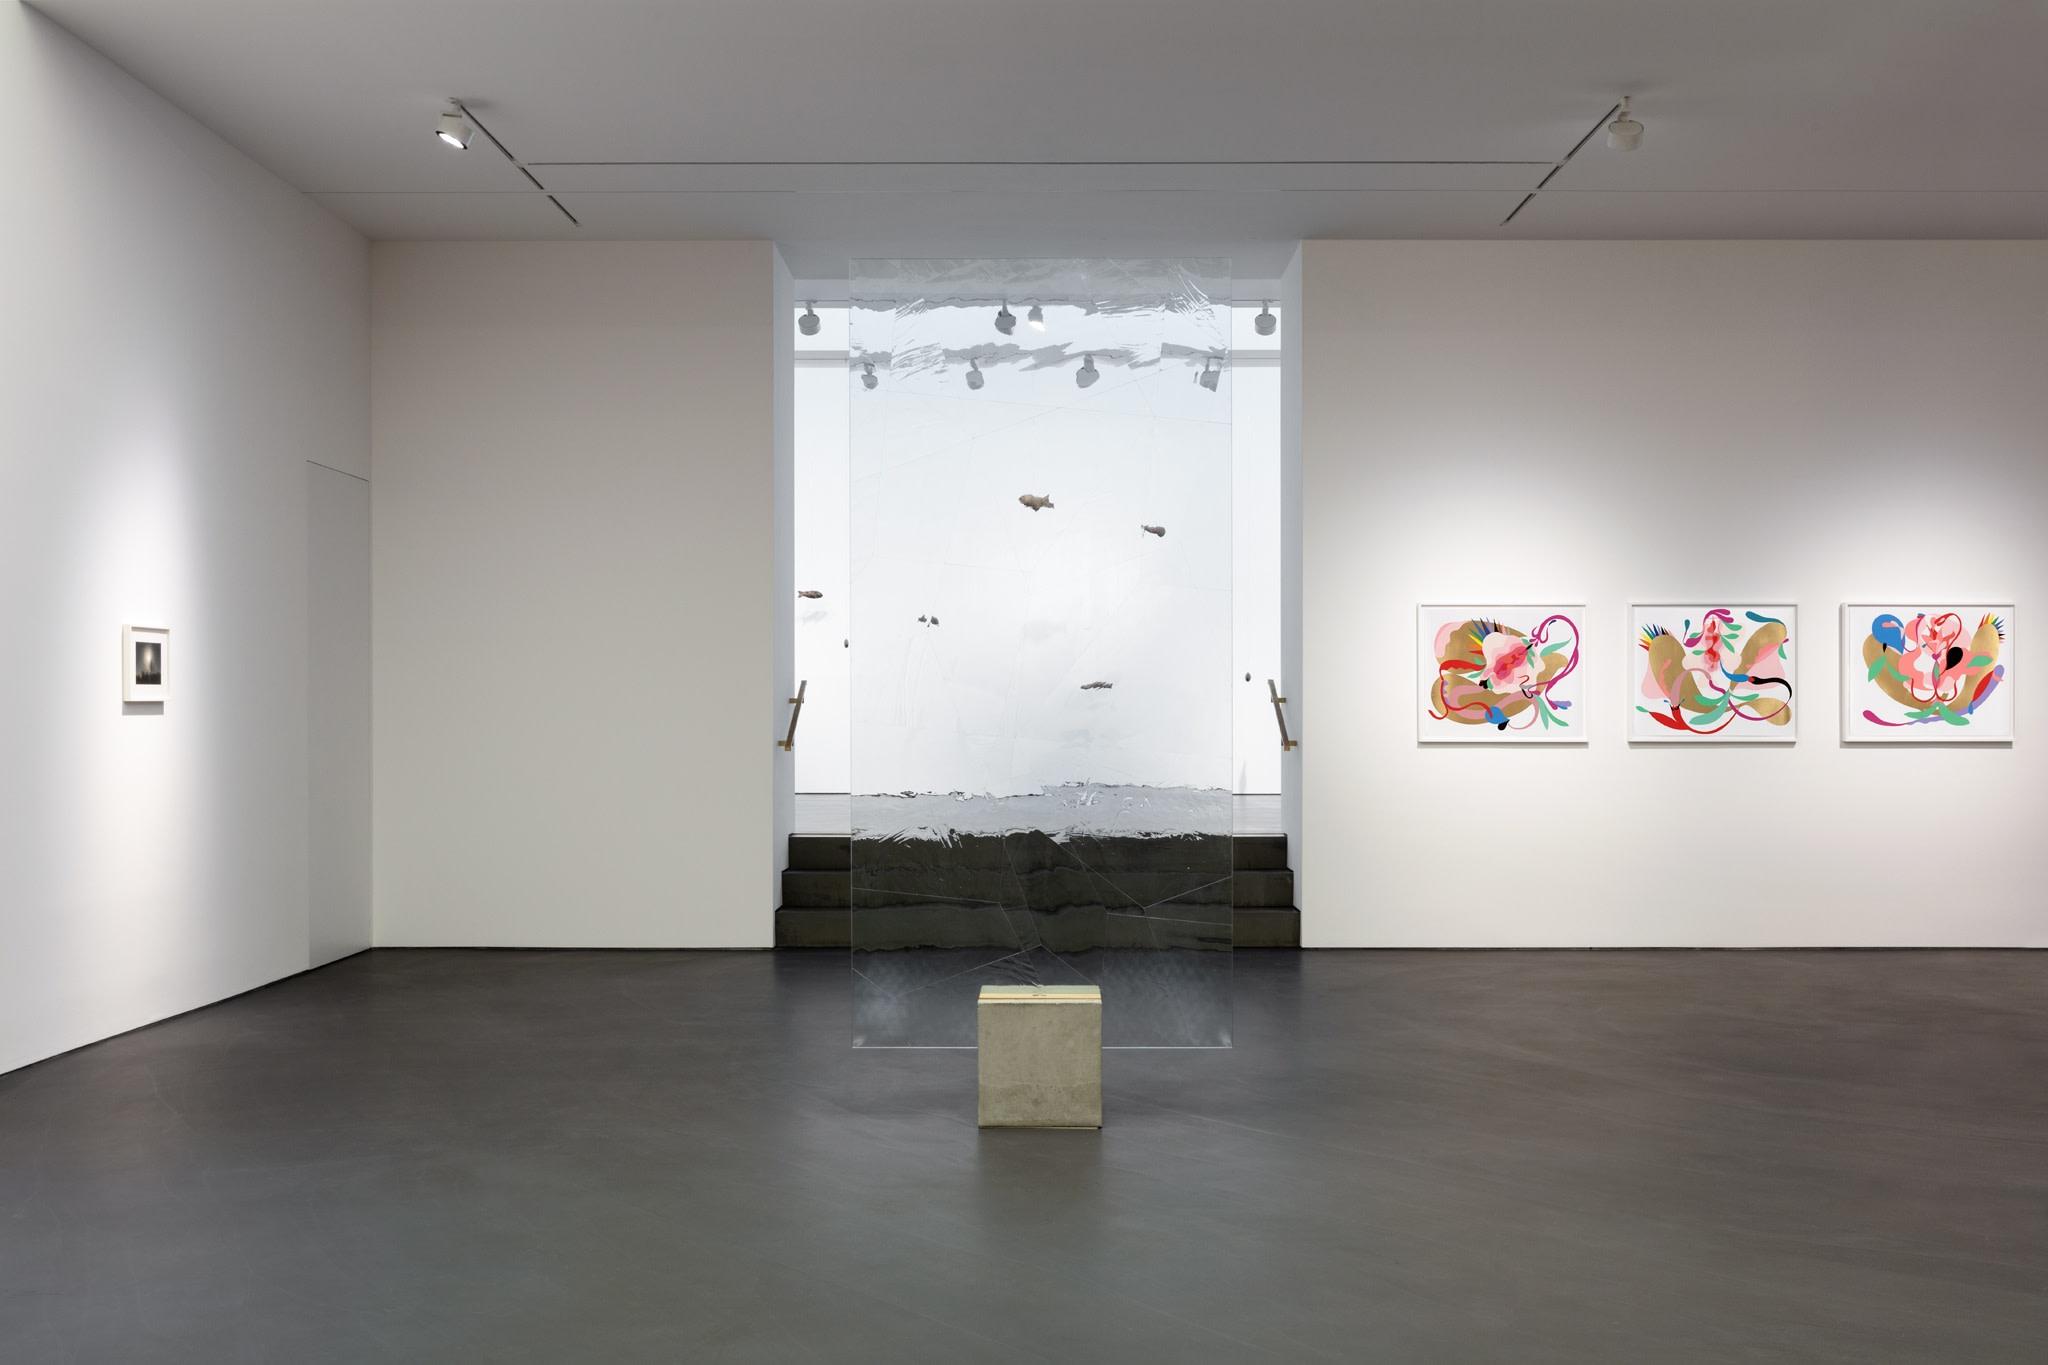 Ausstellungsansicht: PS81E, Esther Schipper, Berlin, 2020. Foto © Andrea Rossetti